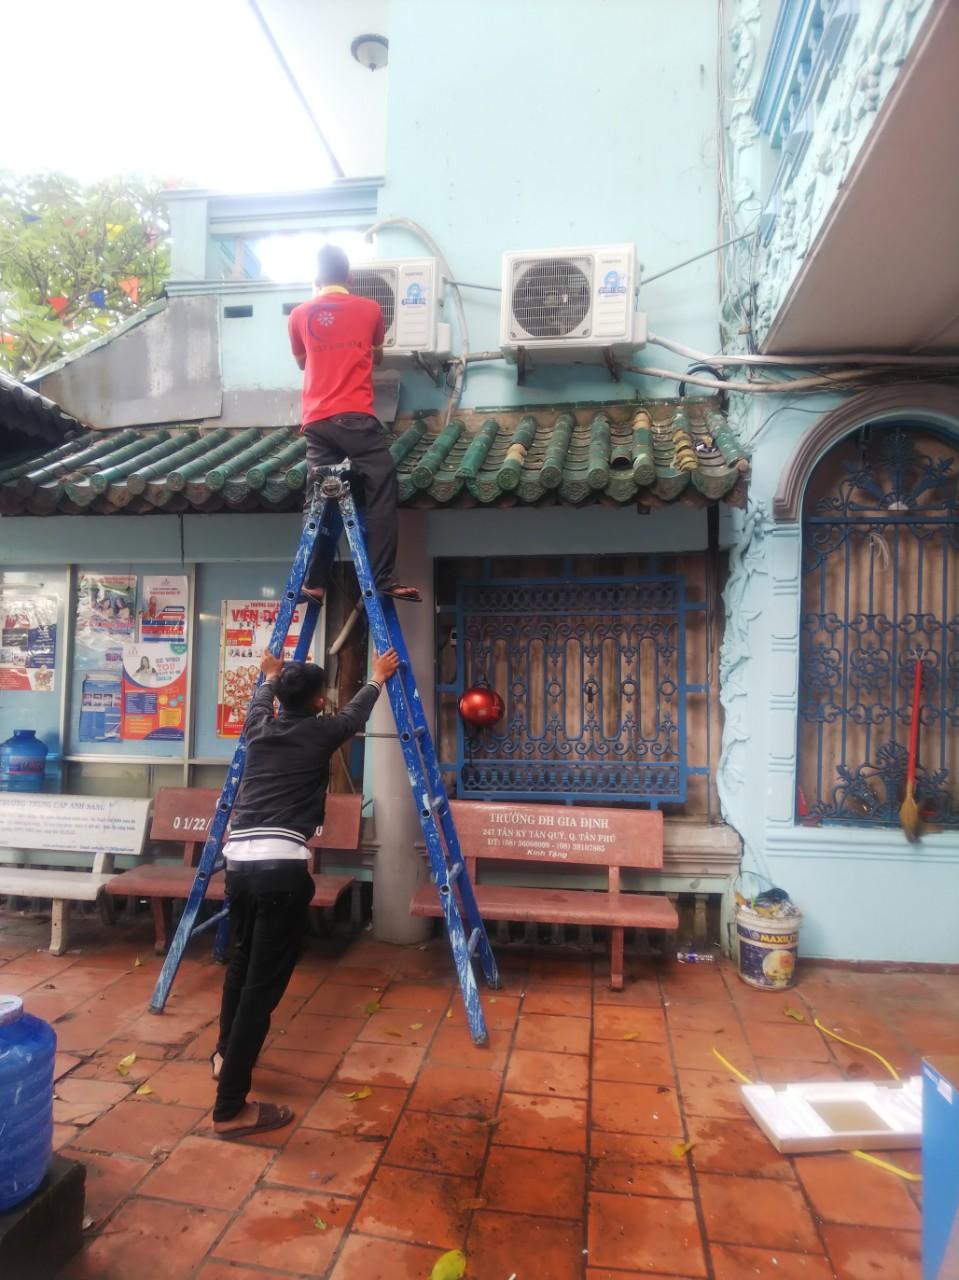 Vệ sinh máy lạnh giá rẻ tại Tân Bình 1